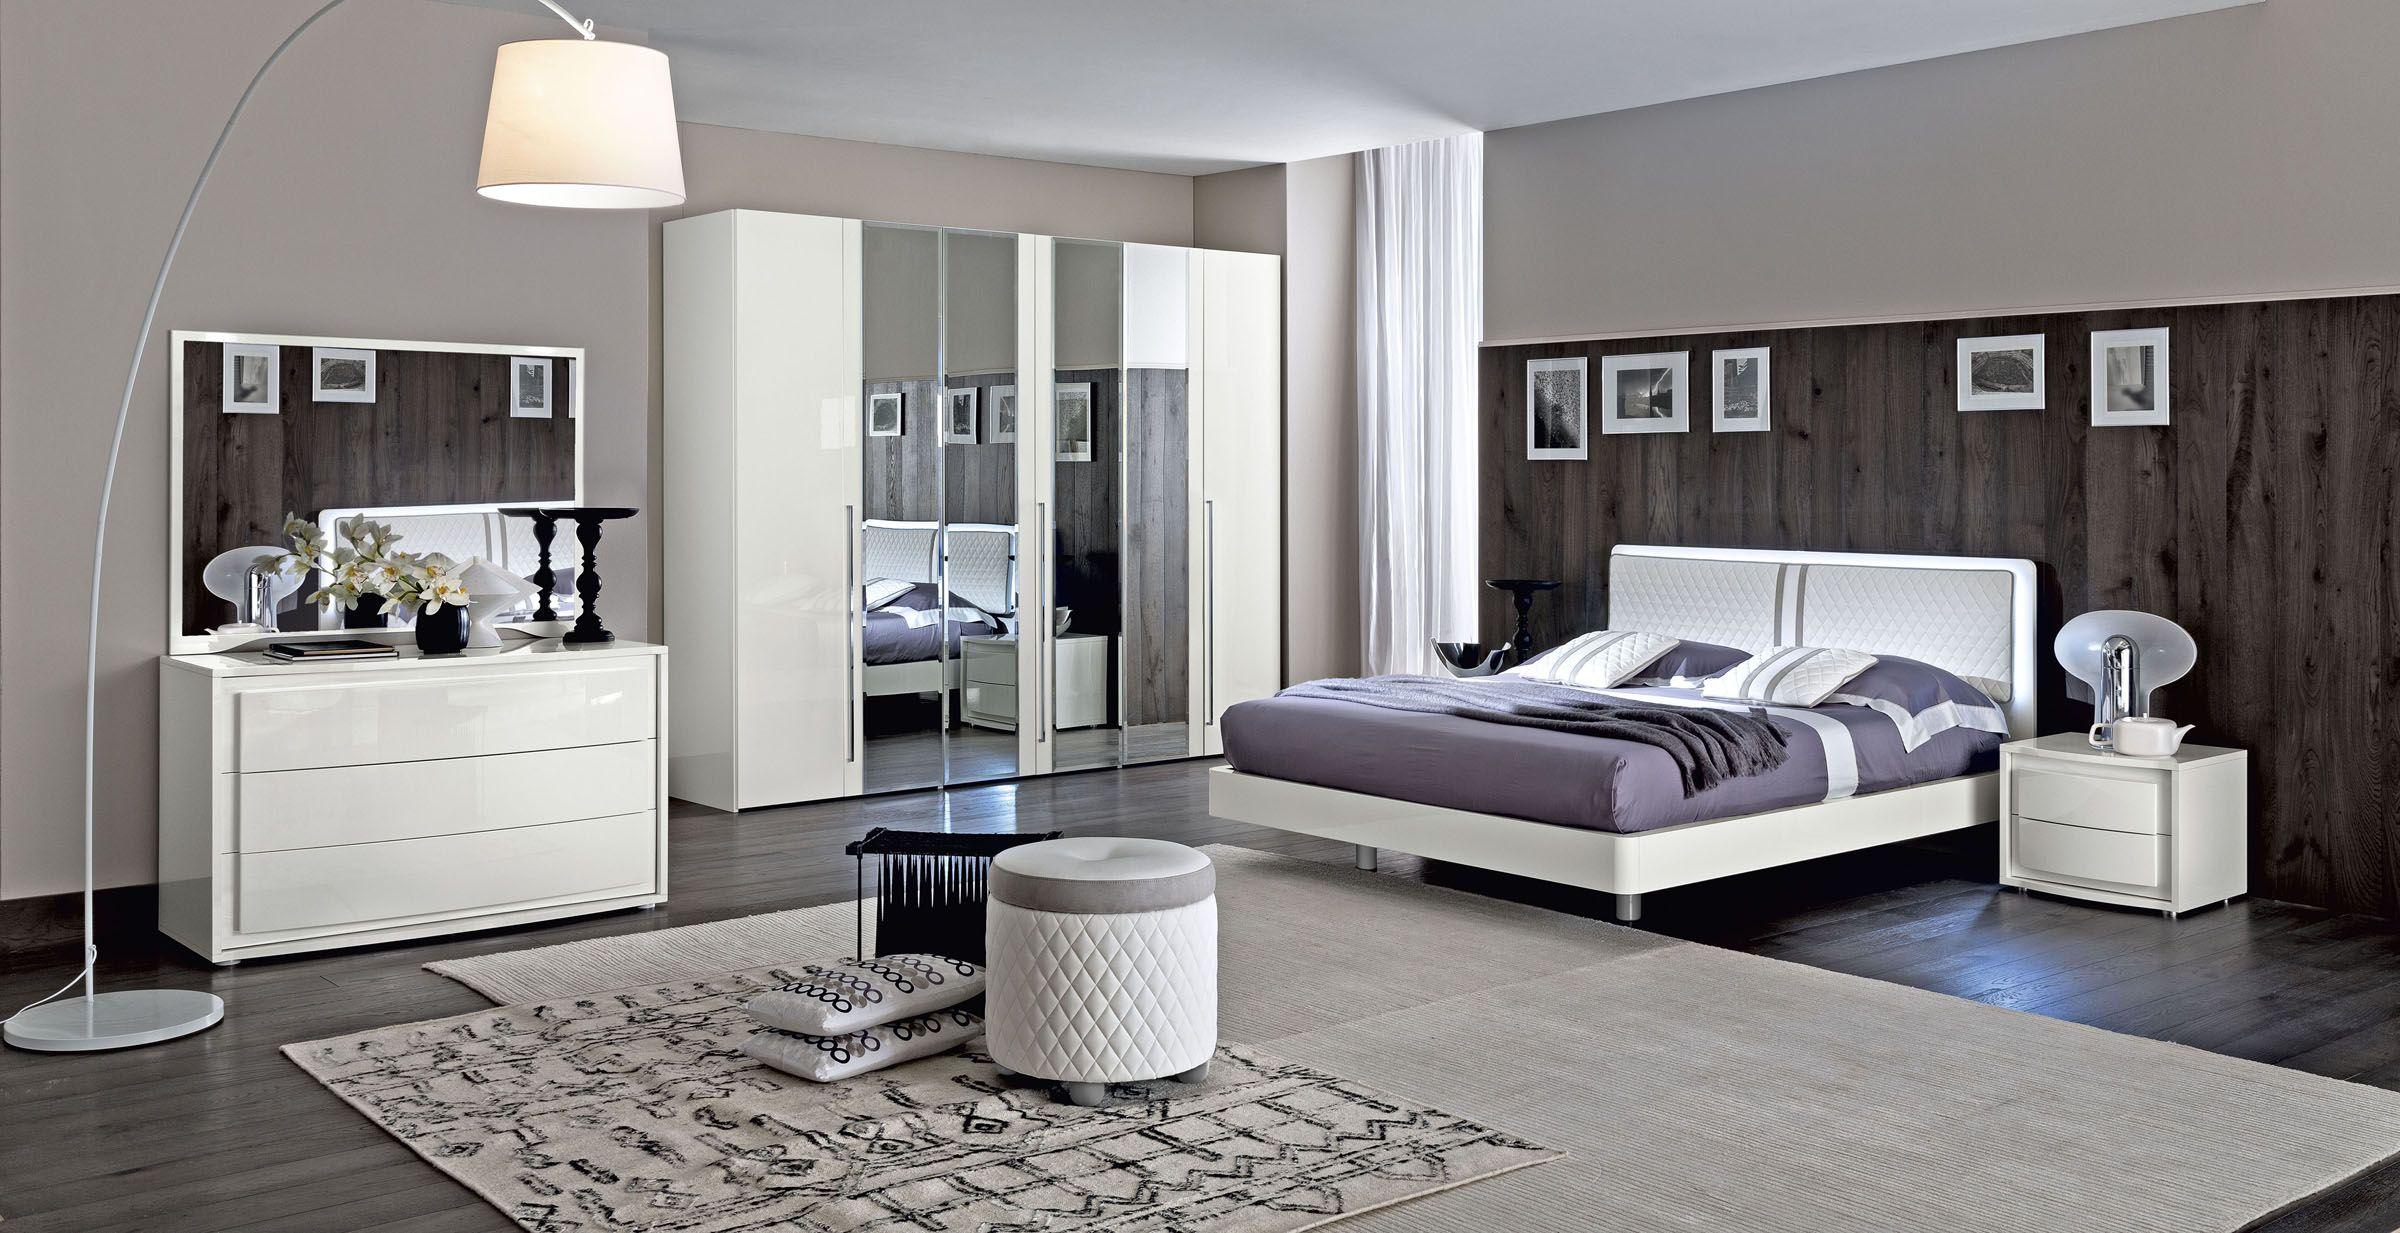 Hervorragend Luxus Schlafzimmer Set Möbelstück Weiß Für Modernes Schlafzimmer